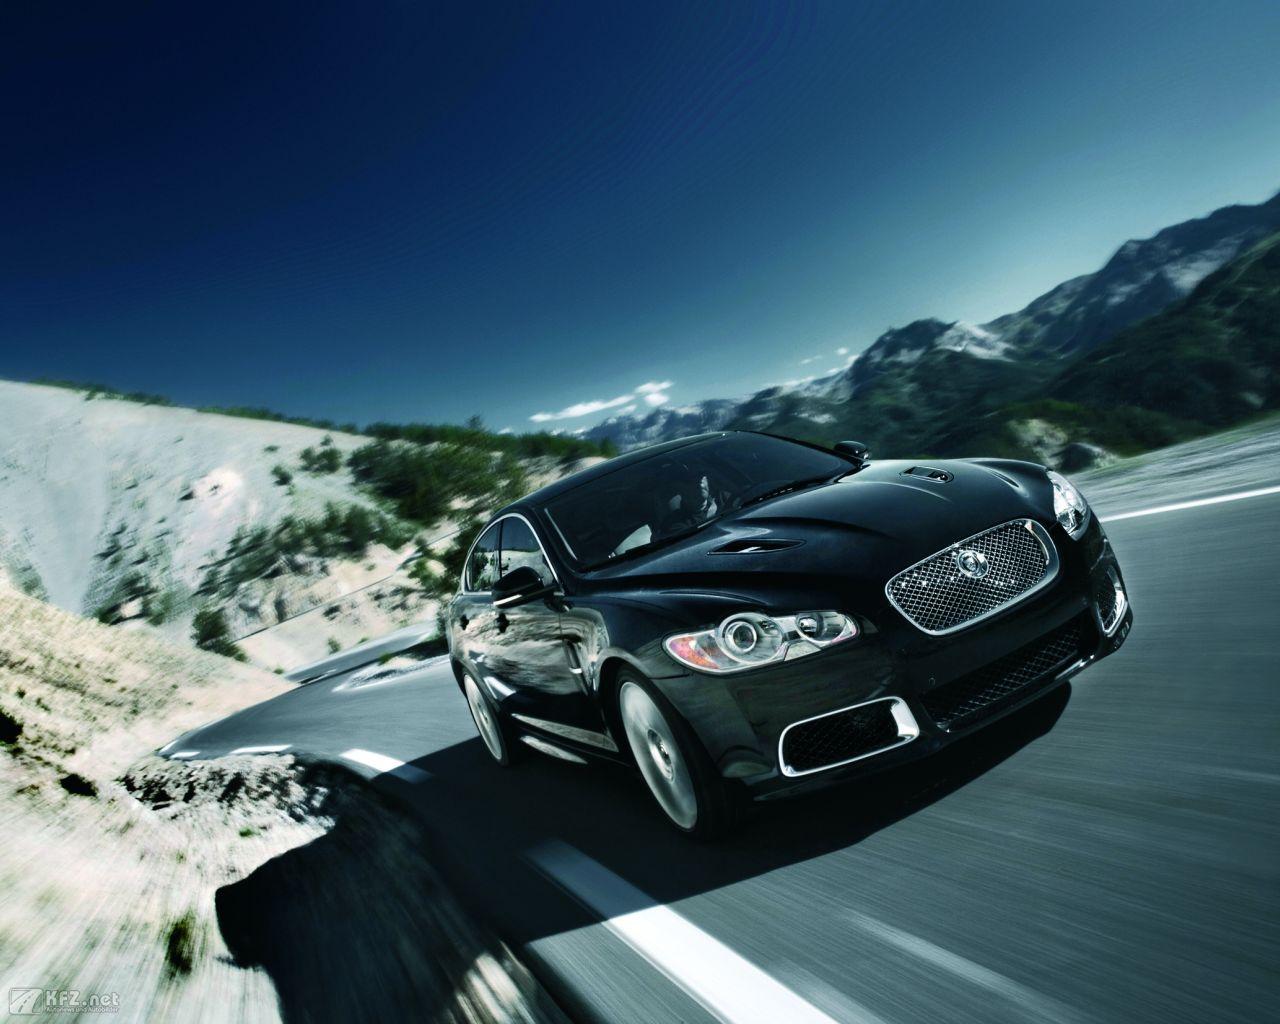 jaguar-xf-1280x1024-31